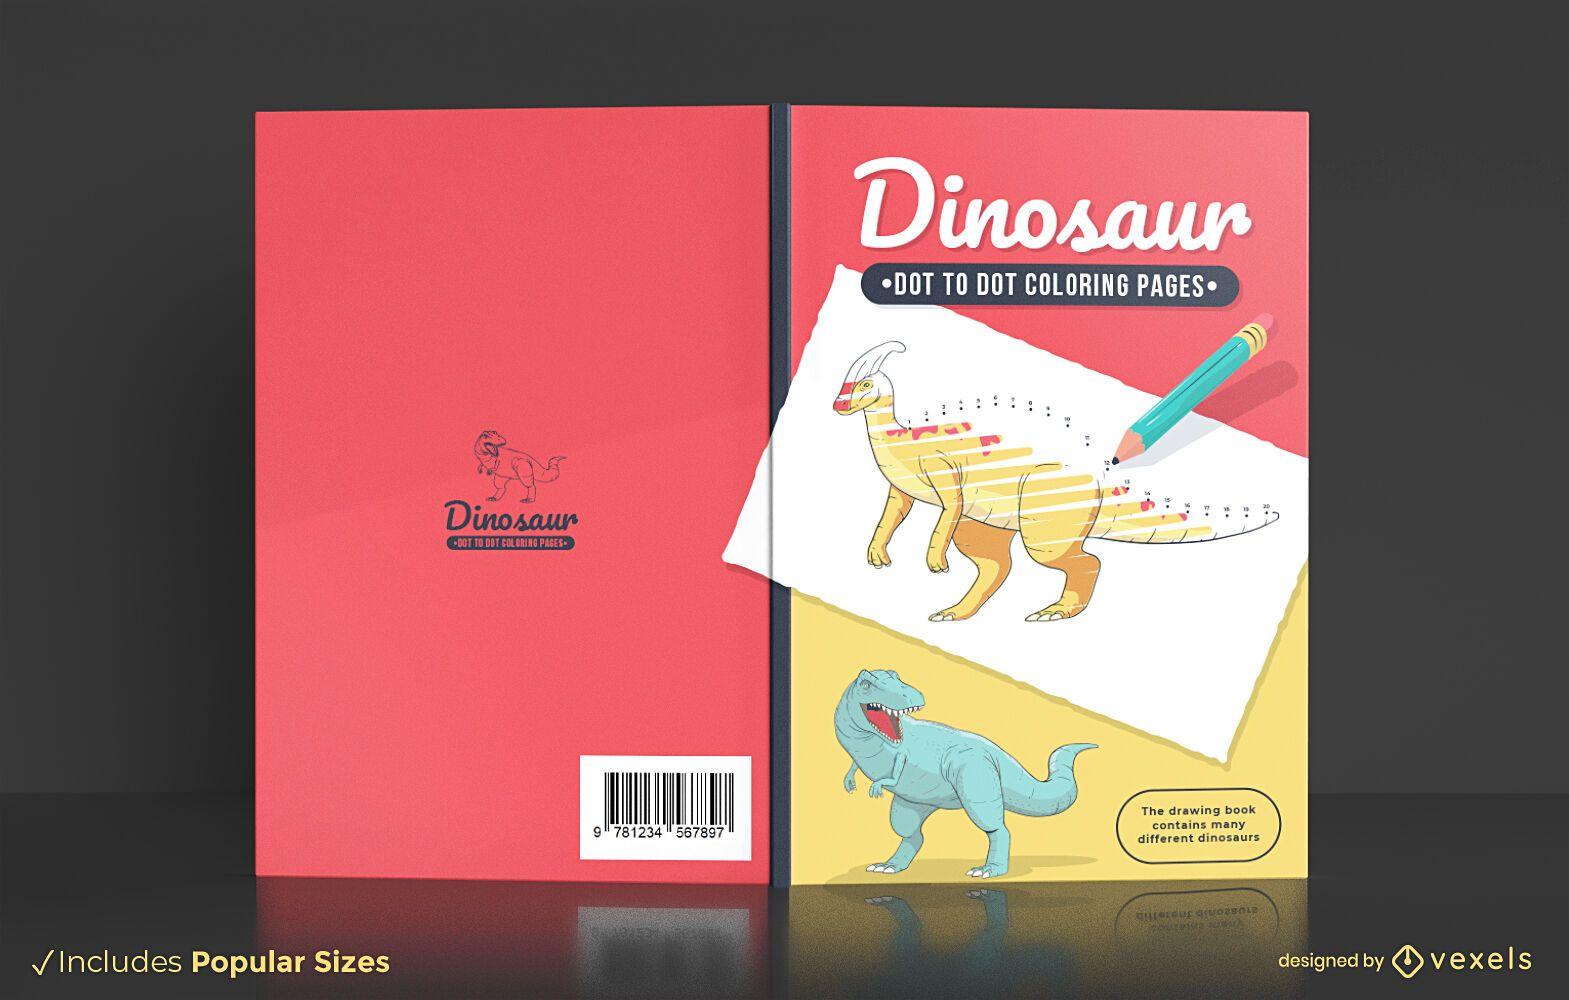 Dise?o de portada de libro de colorear de punto a punto de dinosaurio